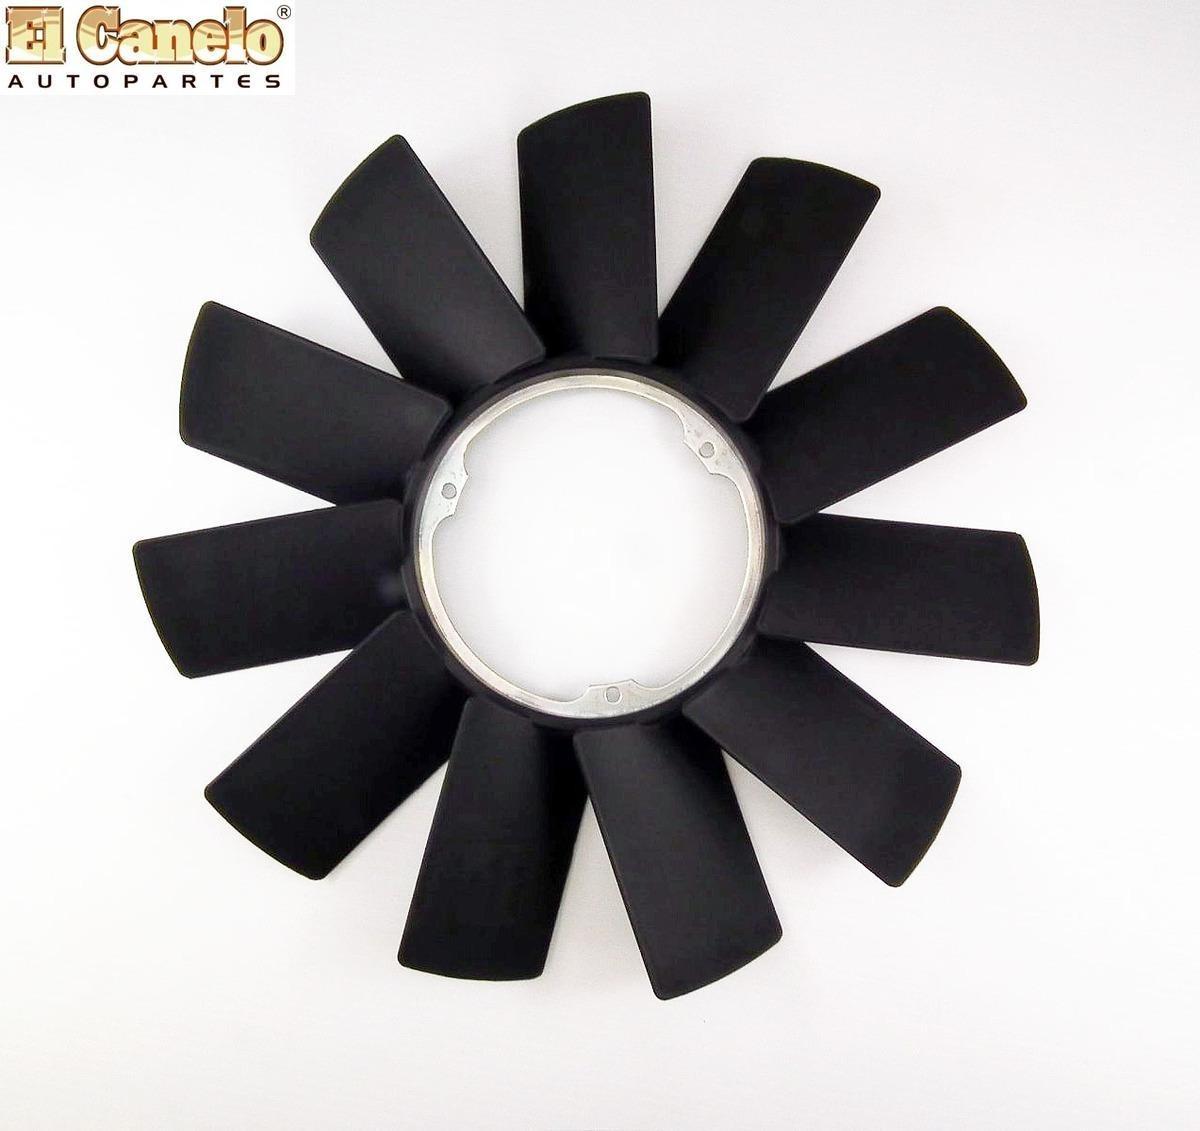 Aspas fan clutch ventilador bmw varios tipos eca 890 for Aspas para ventiladores